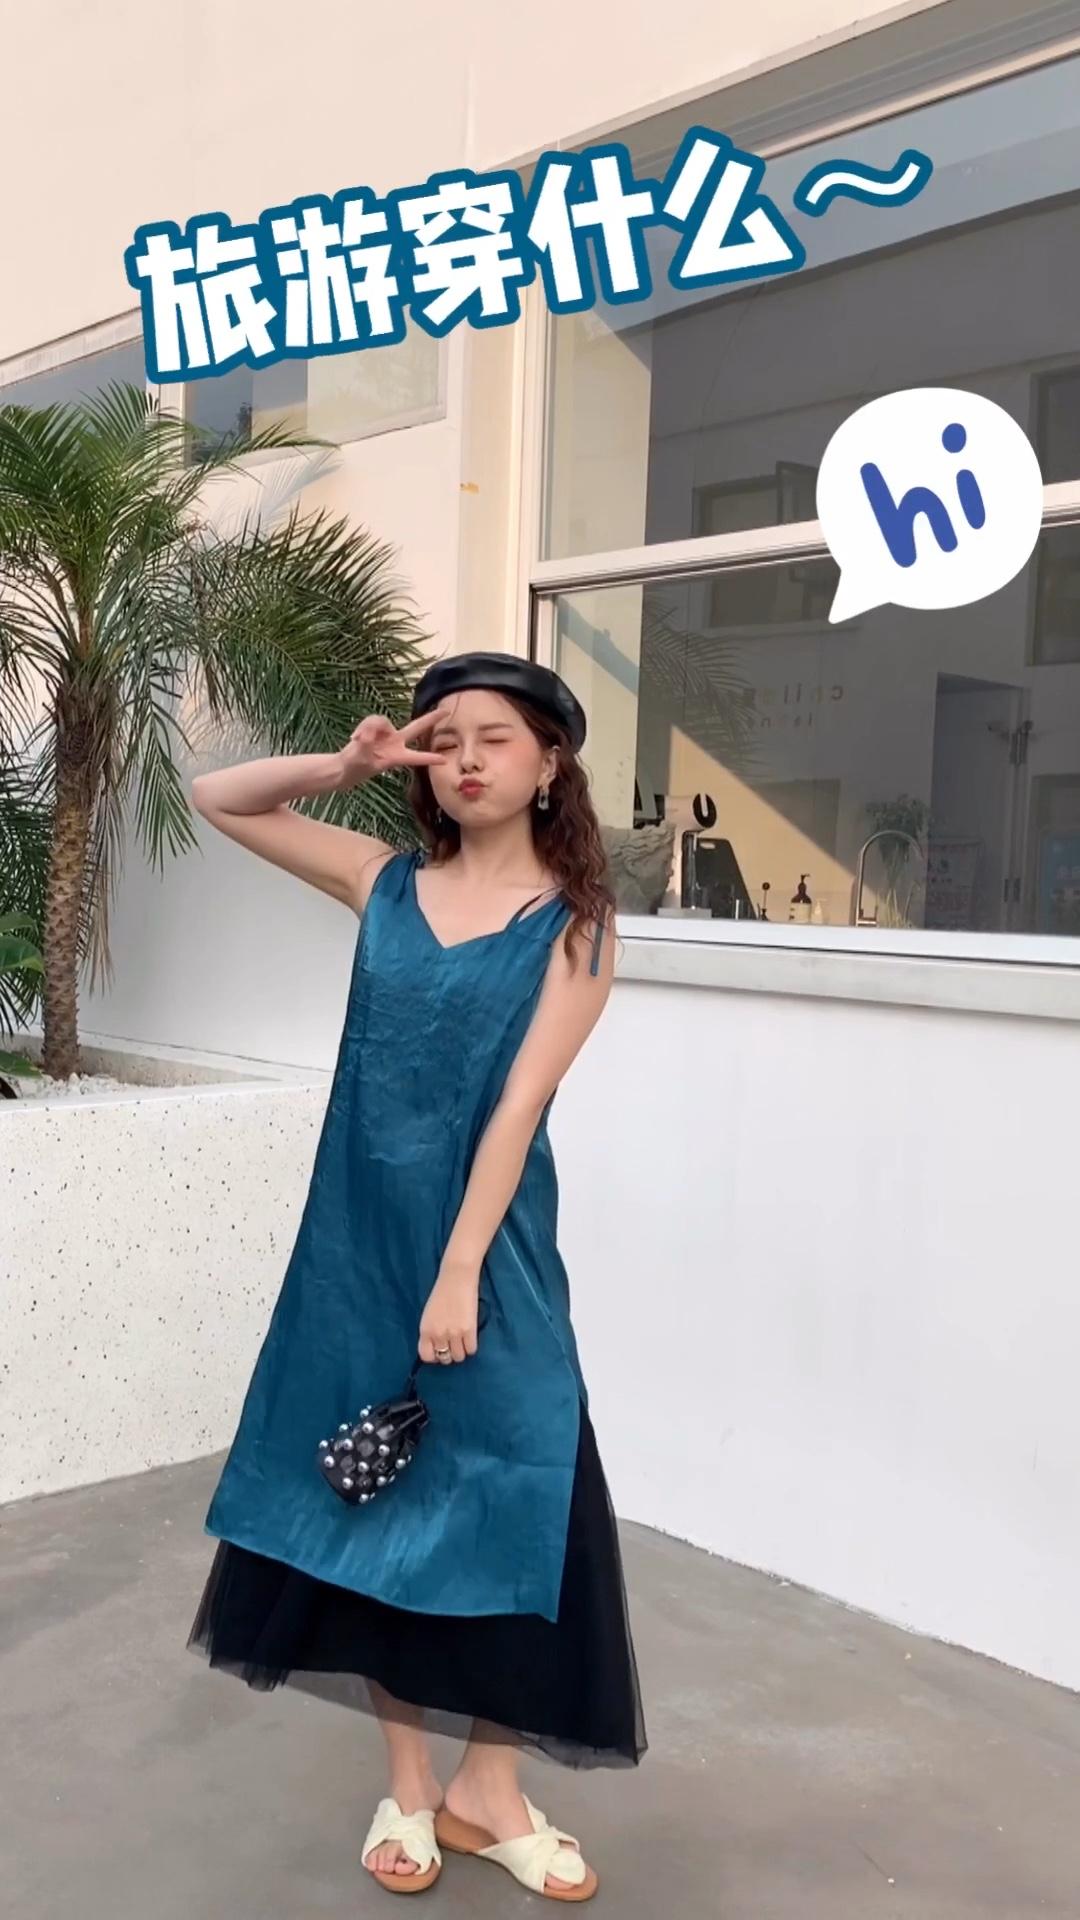 #越穿越瘦,梨形mm福音# 蓝色真的是超级显白的一个眼神 很爱啦 谁穿谁好看 是一款很少女的款 爱了爱了 是不是气质的一件 夏日必备